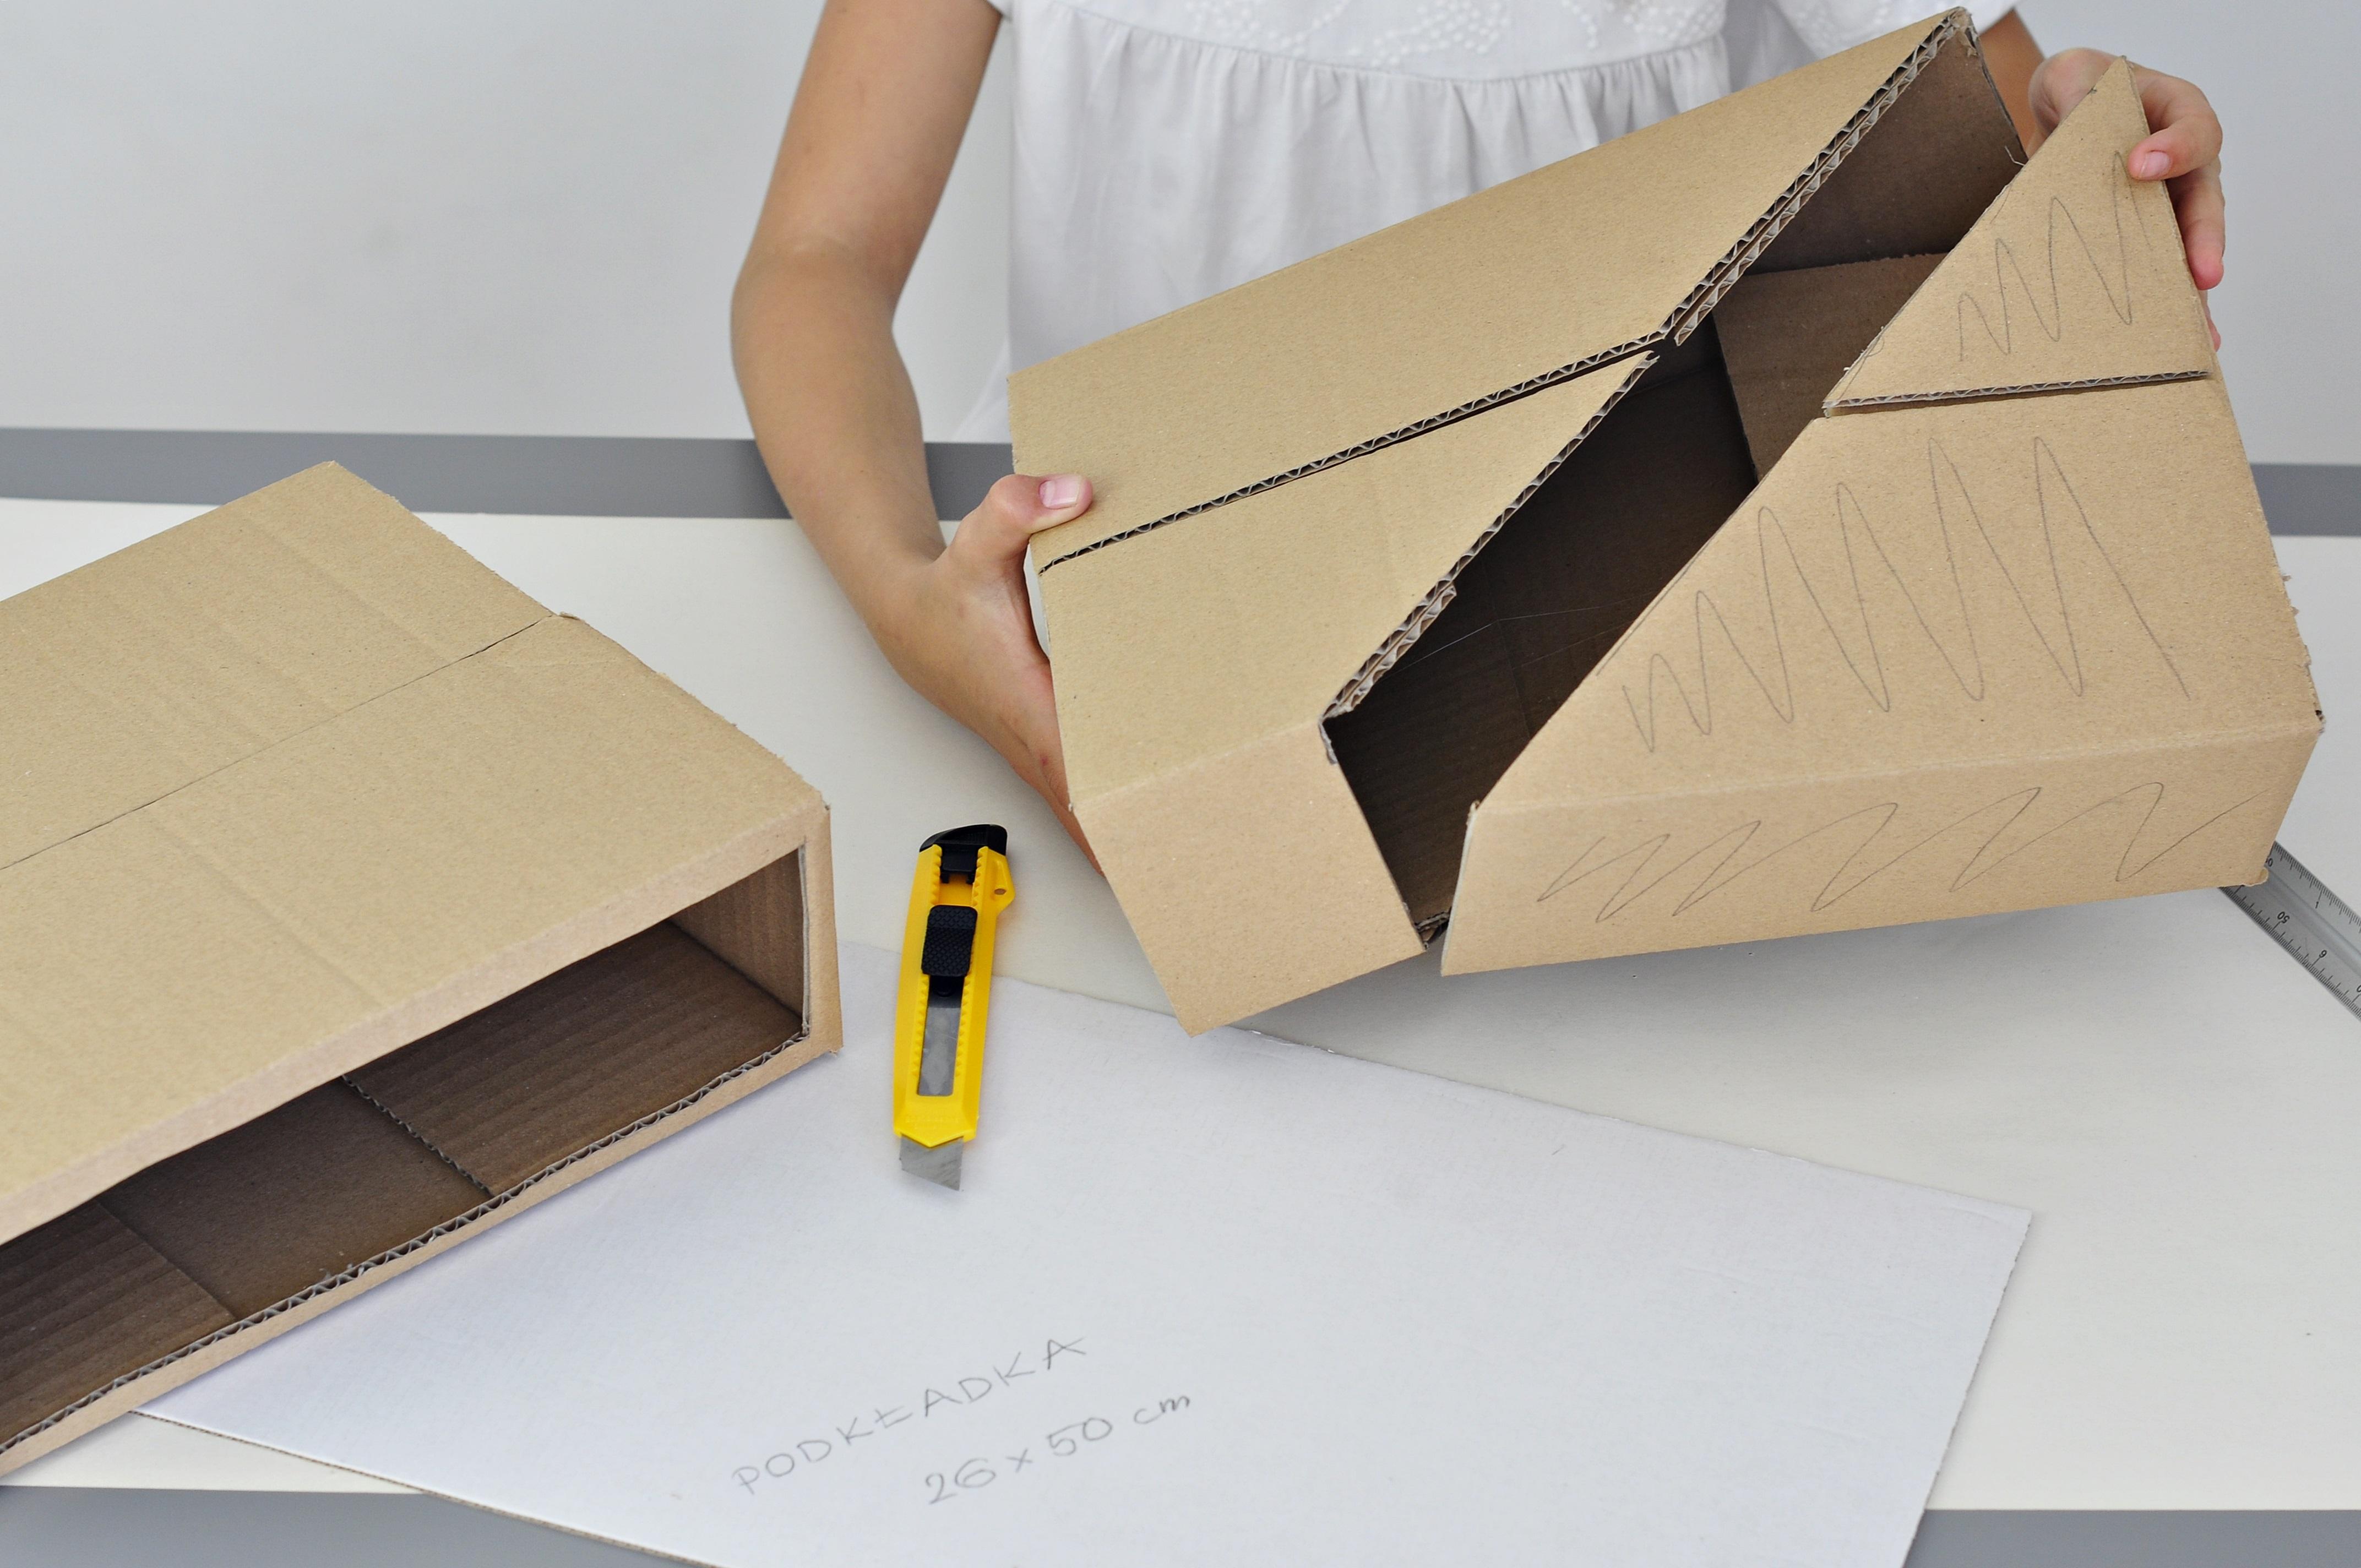 jak zrobić przybornik na biurko - instrukcja